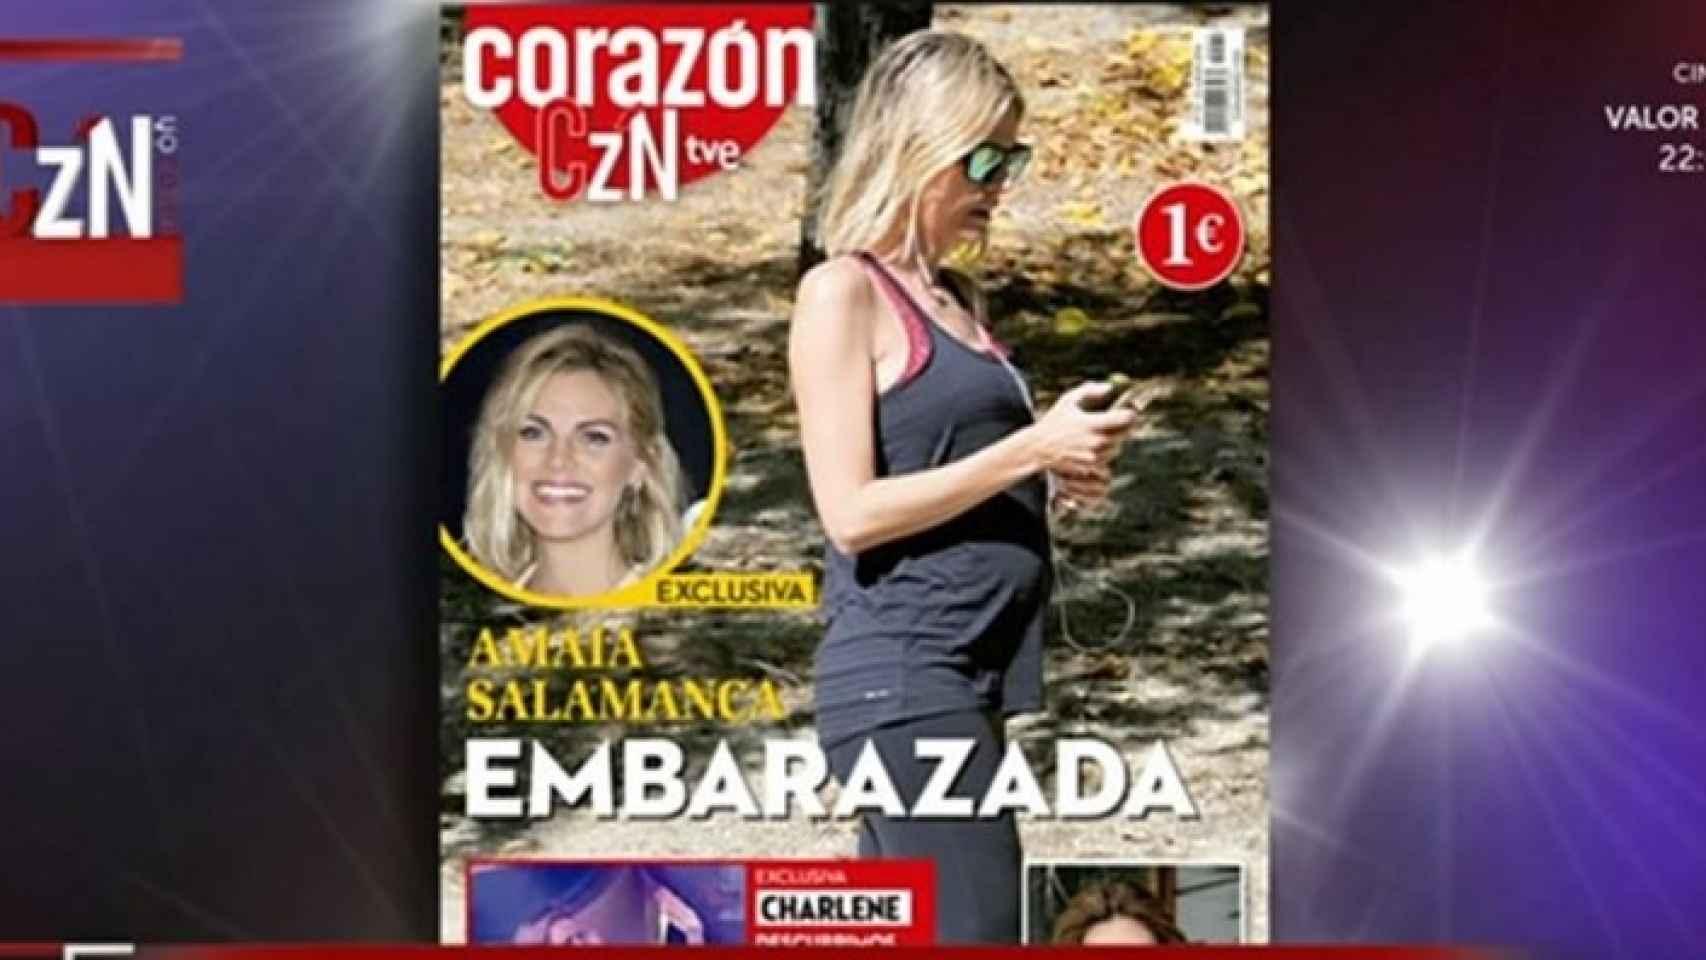 Portada de la revista Corazón TVE